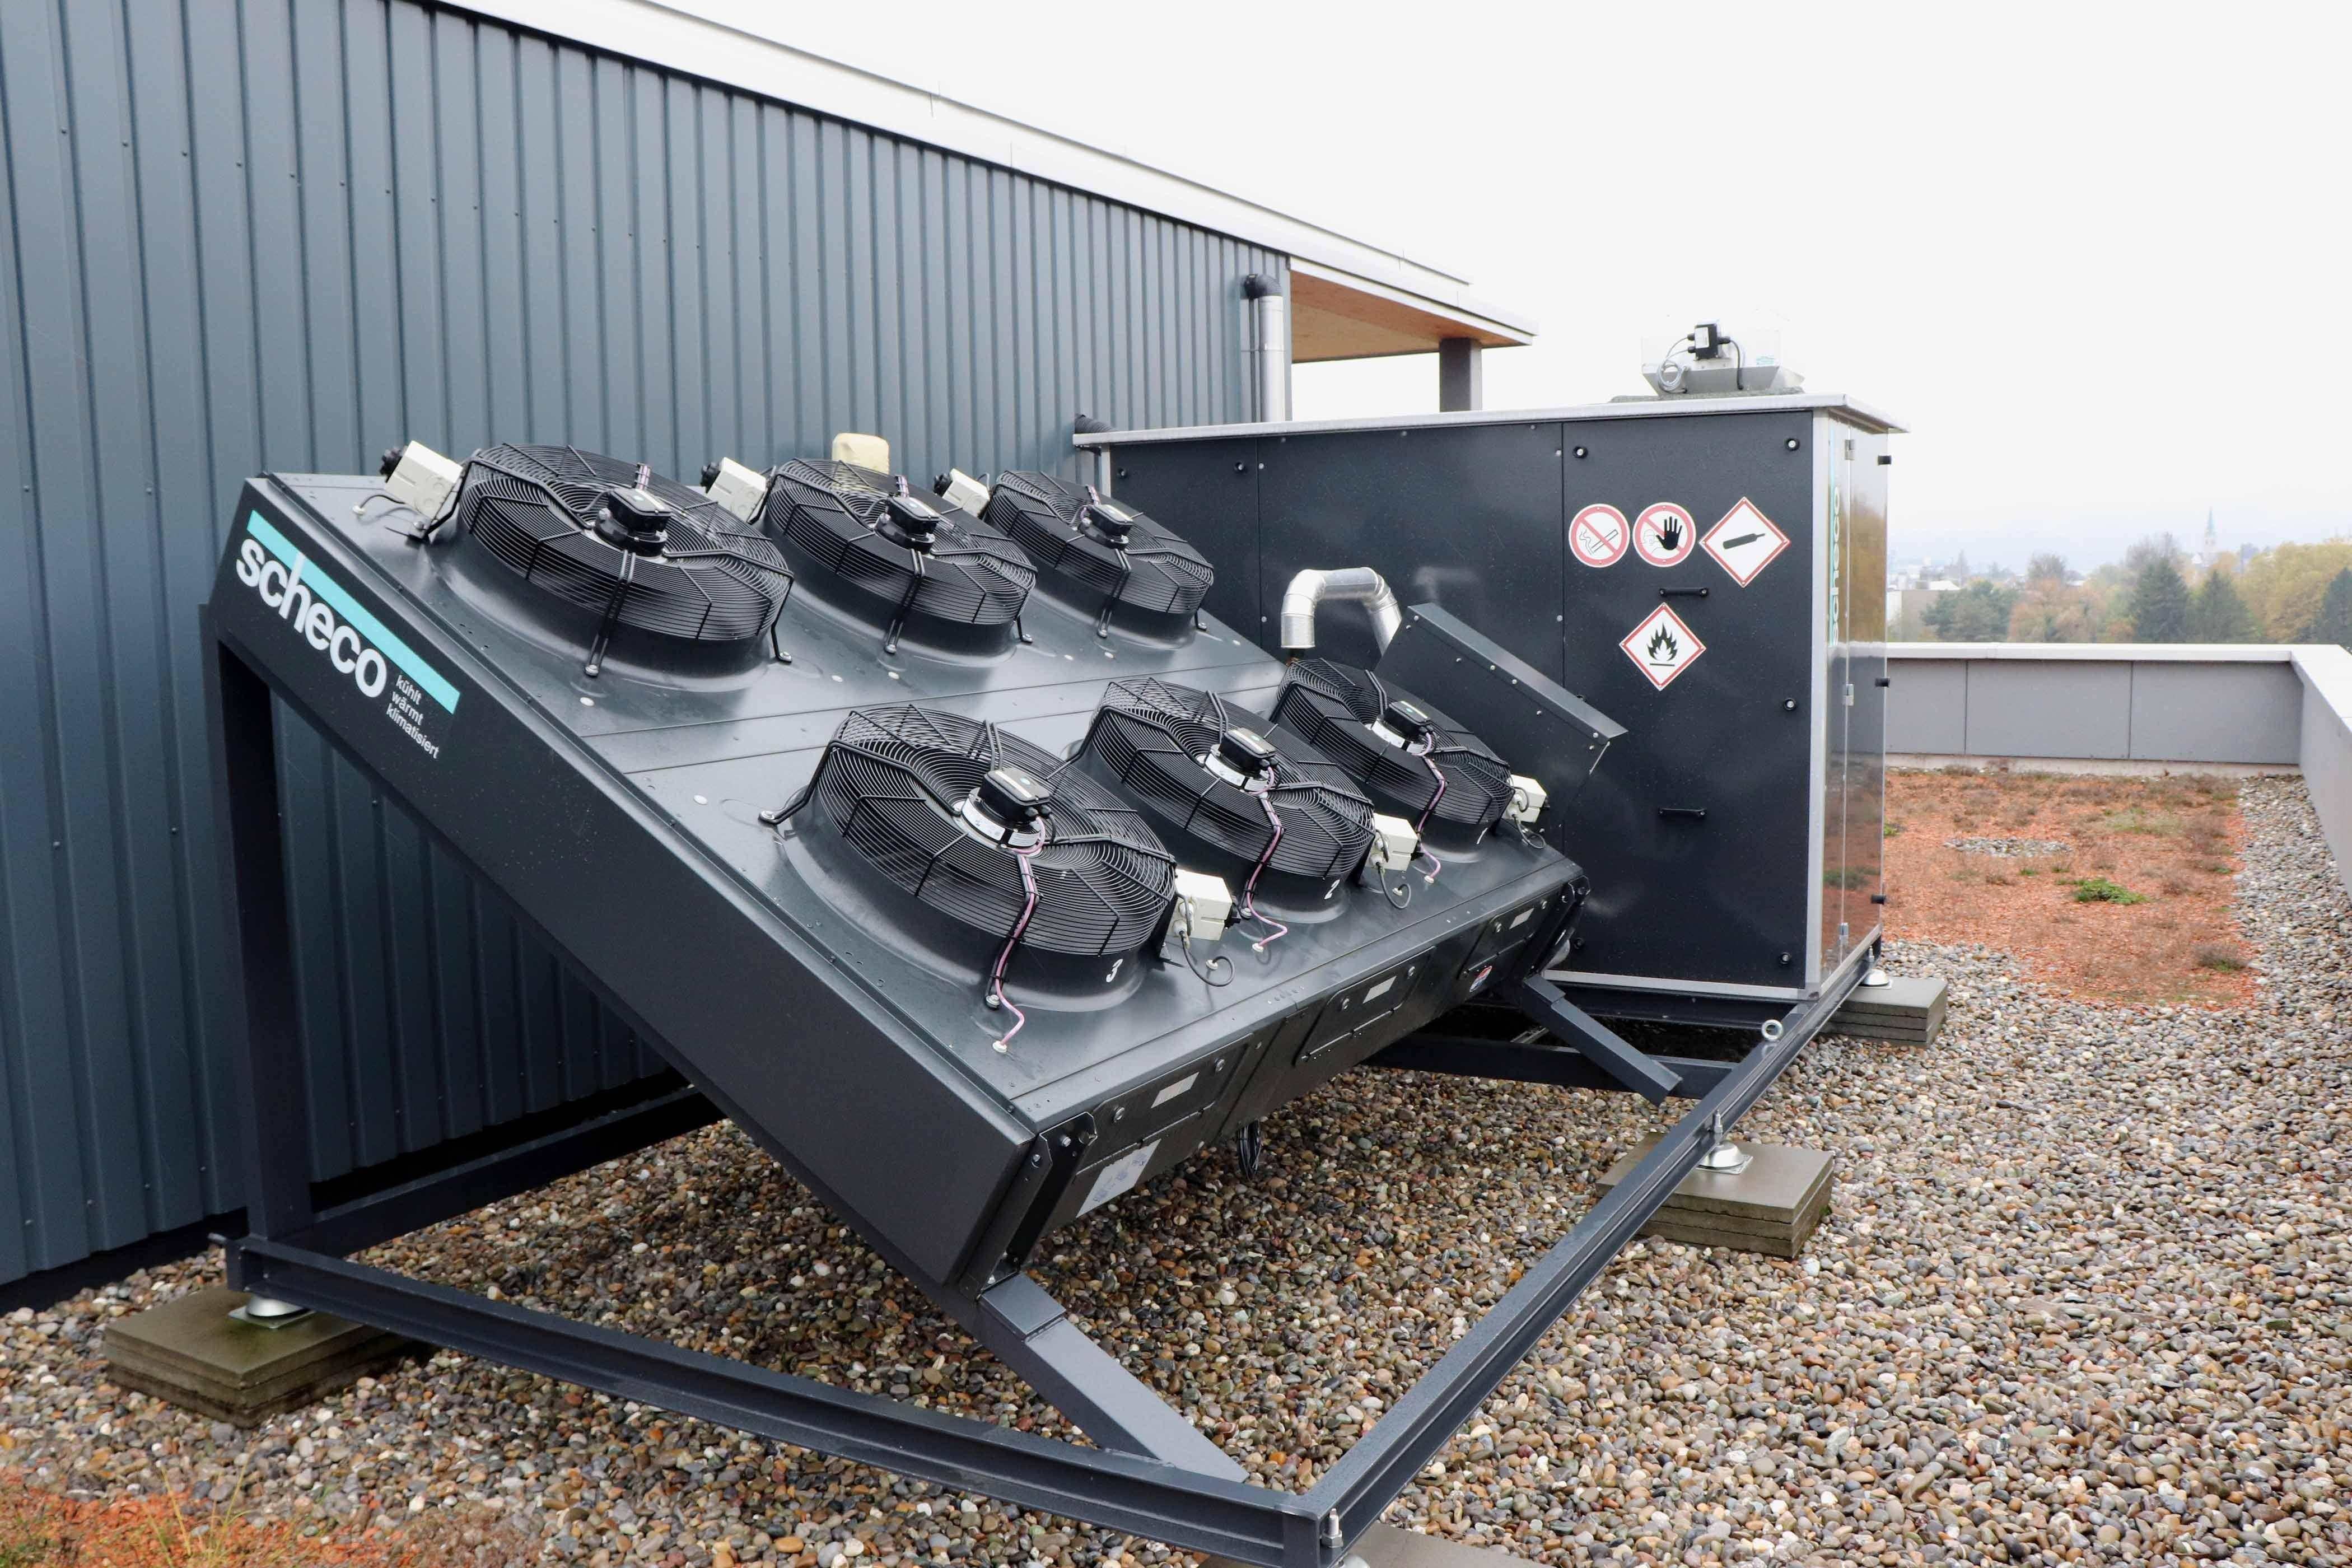 Luft-/Wasser-Wärmepumpe auf der Basis von Propan